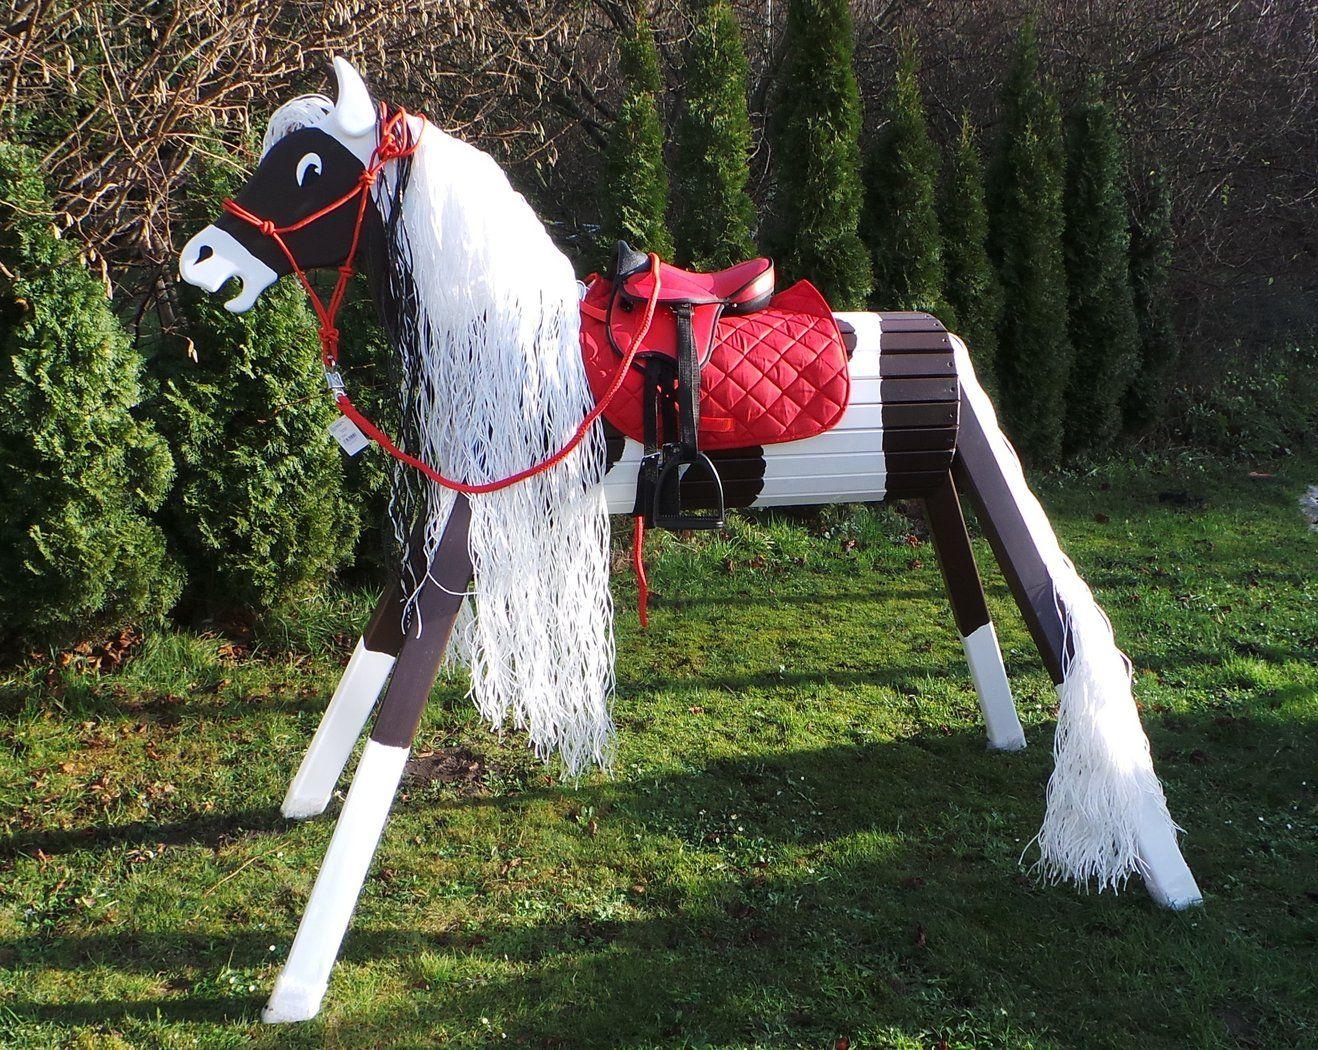 Holzpferd Paint Schecke Braun Weiss 100 130 Super Schick Holzpferd Pferd Kinder Spielplatz Garten